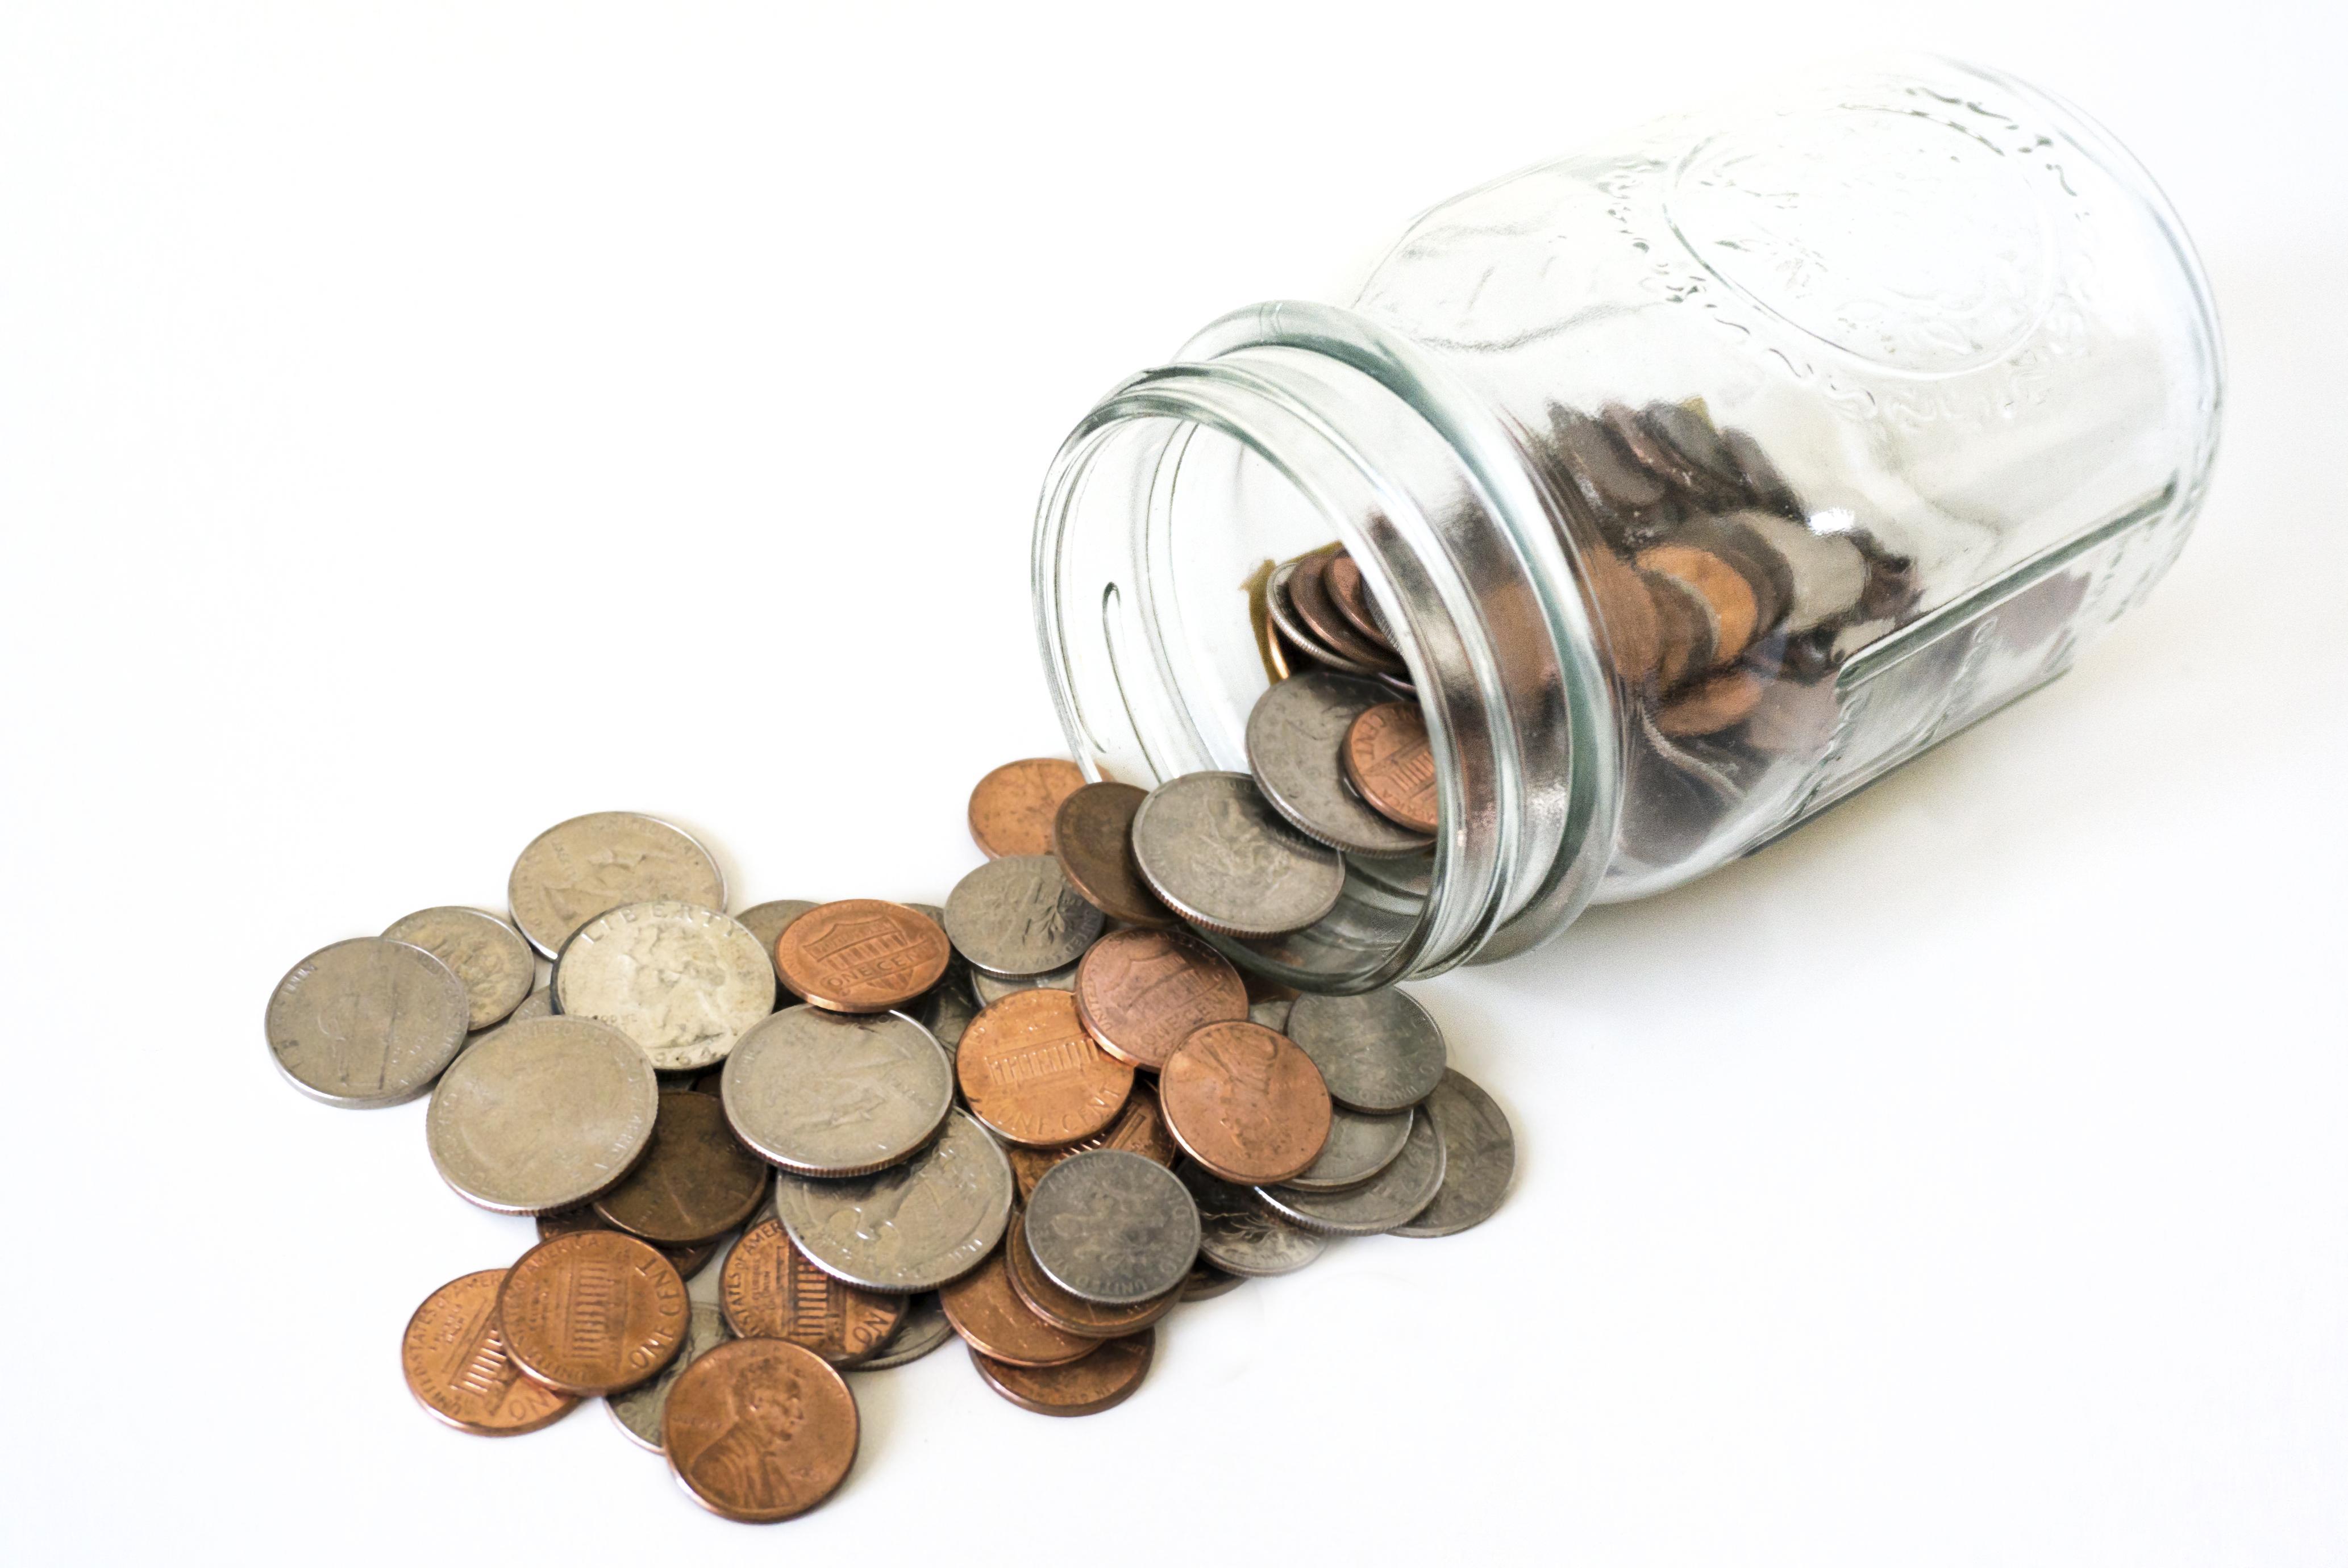 spilled-money.jpg